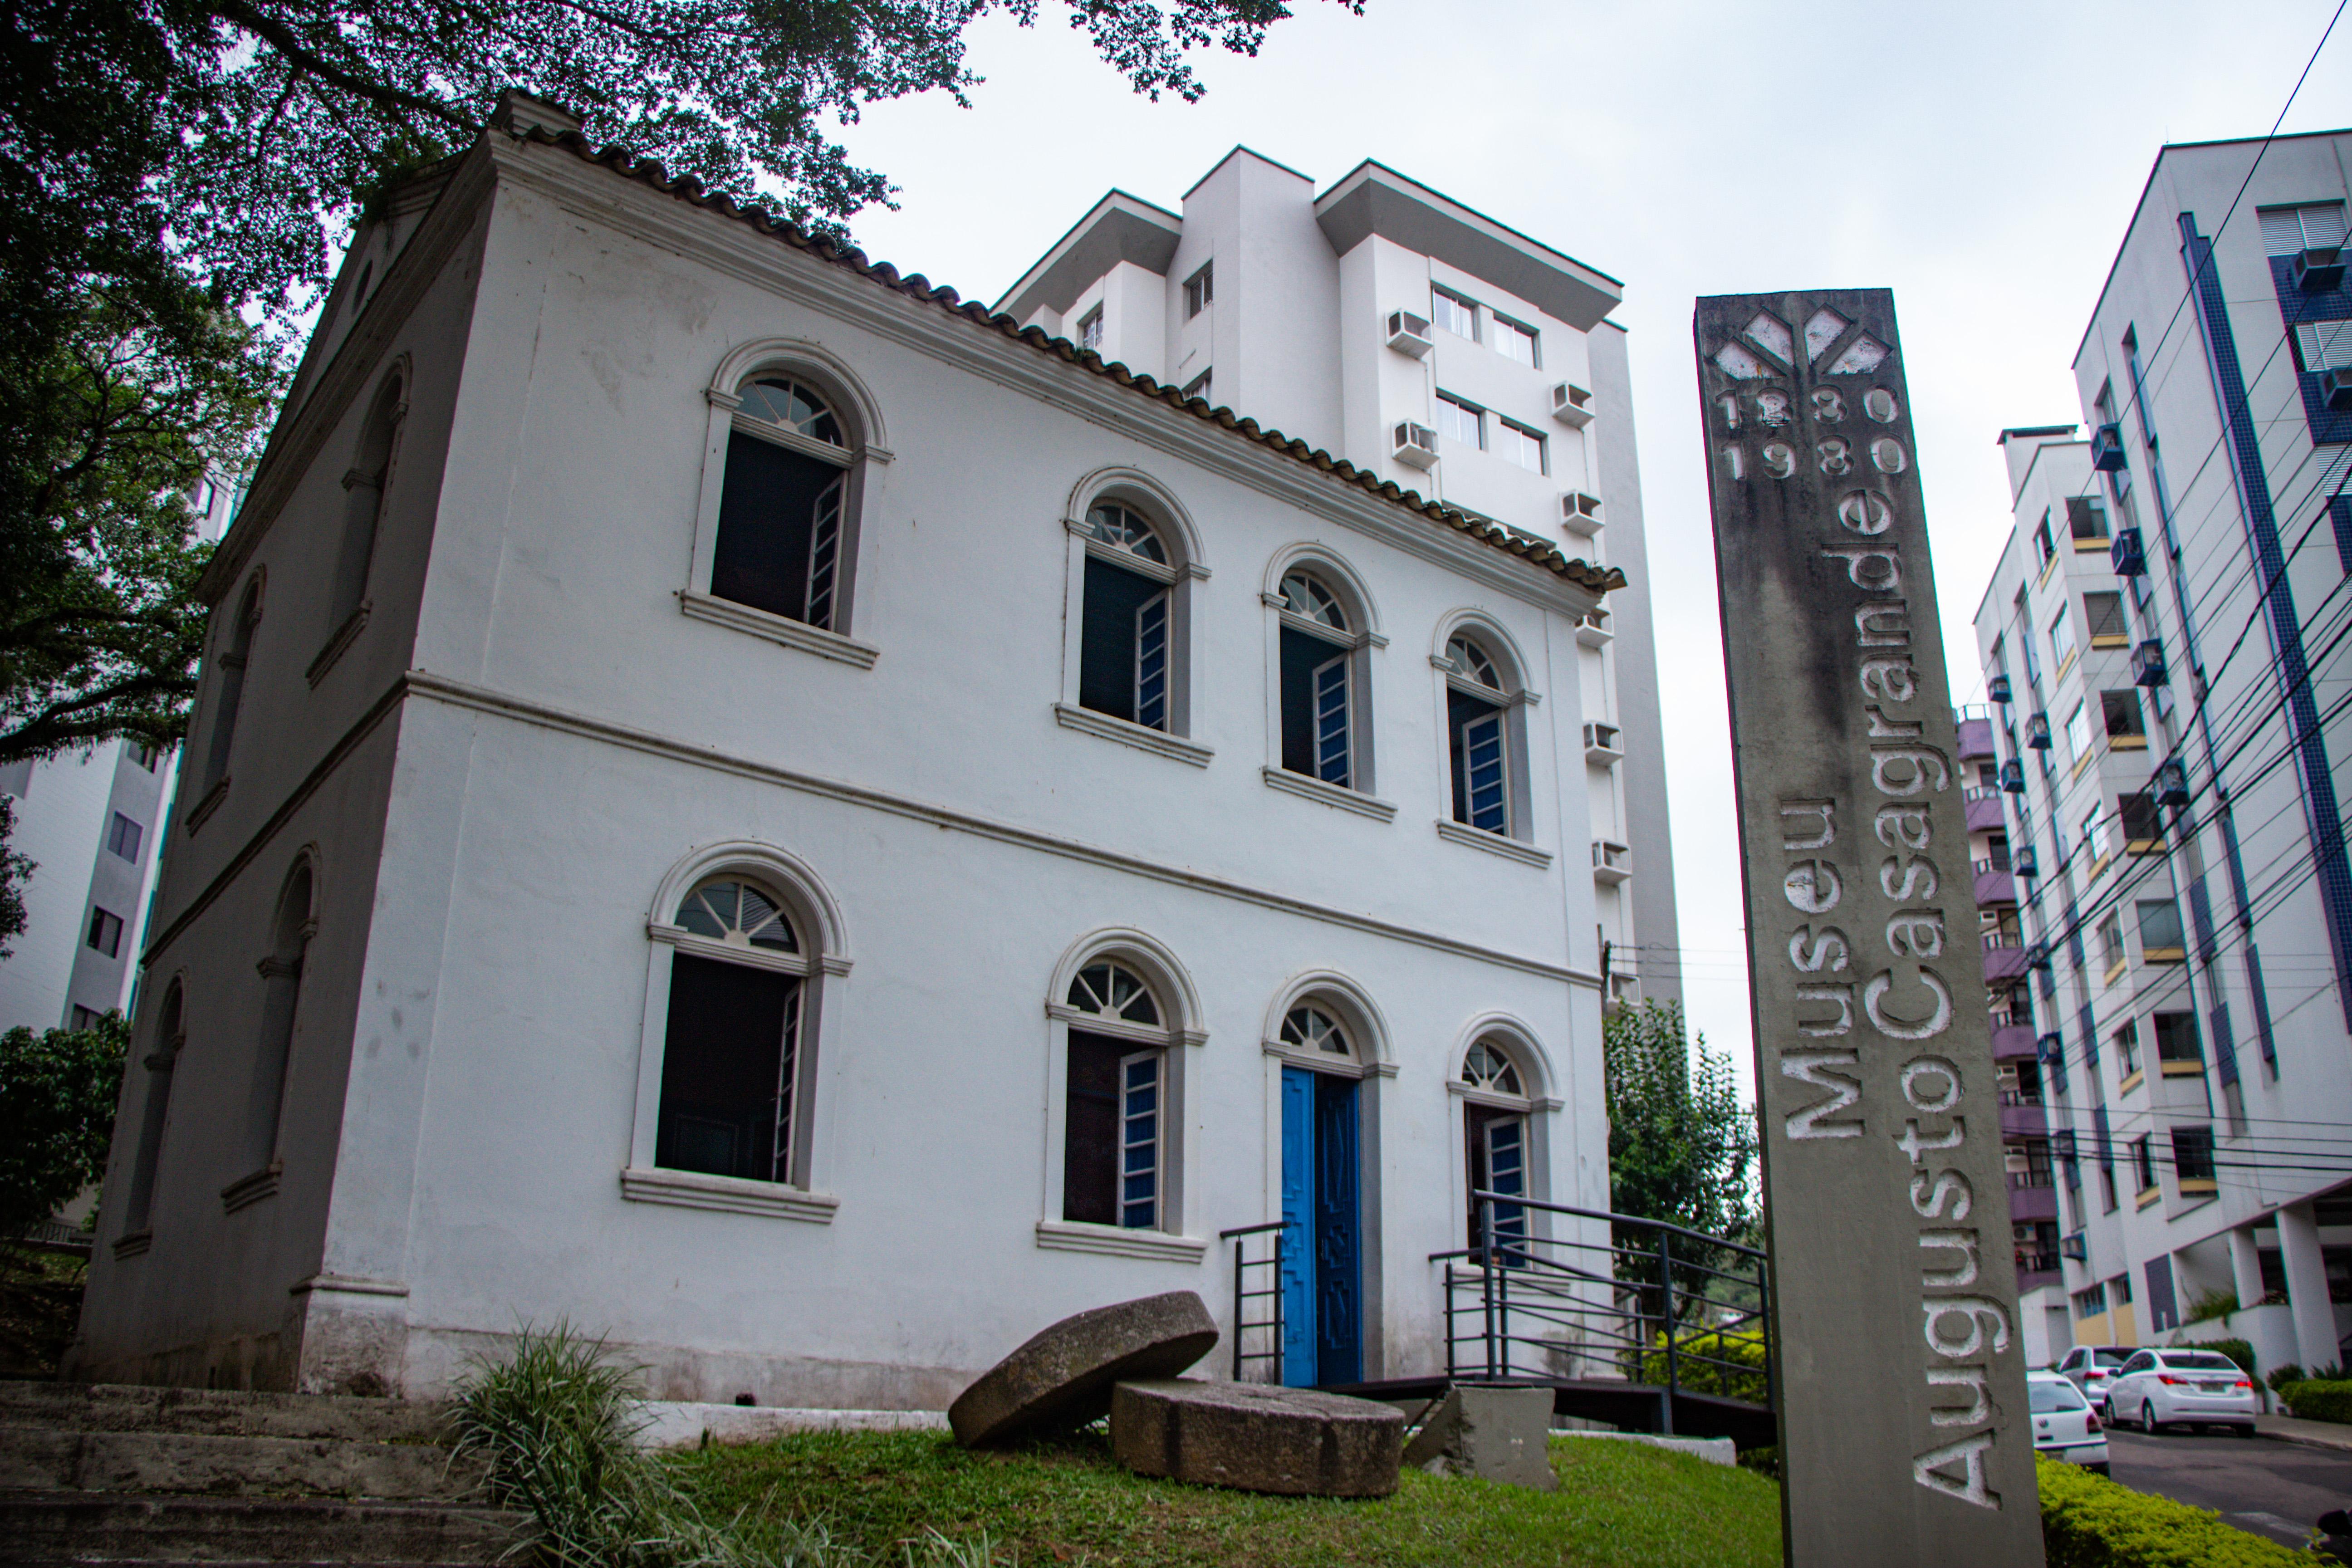 CRICIÚMA, Museu Augusto Casagrande